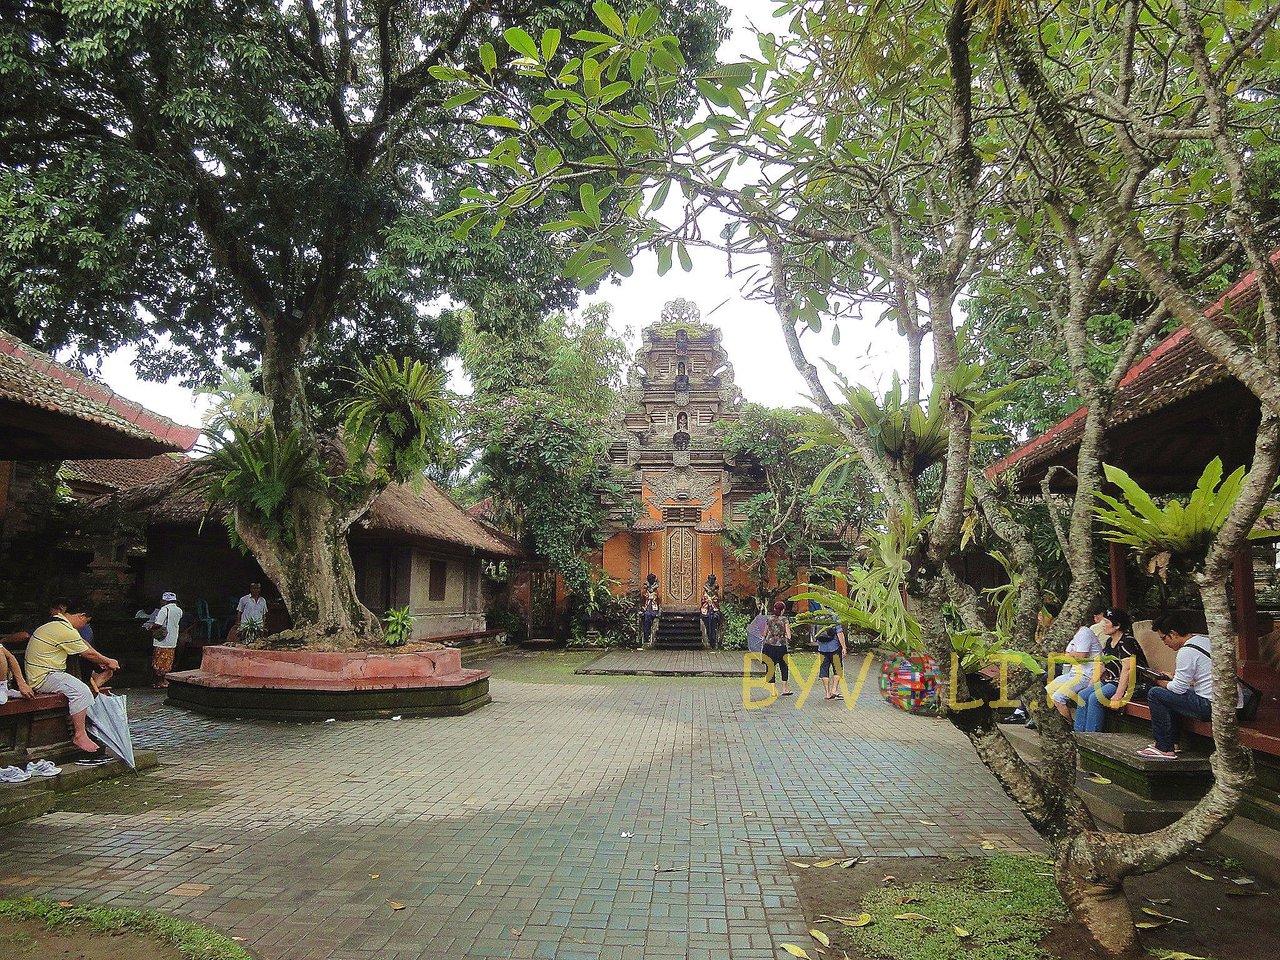 Убуд - город на Бали (Индонезия): фото и отзыв. Что посмотреть в Убуде, достопримечательности